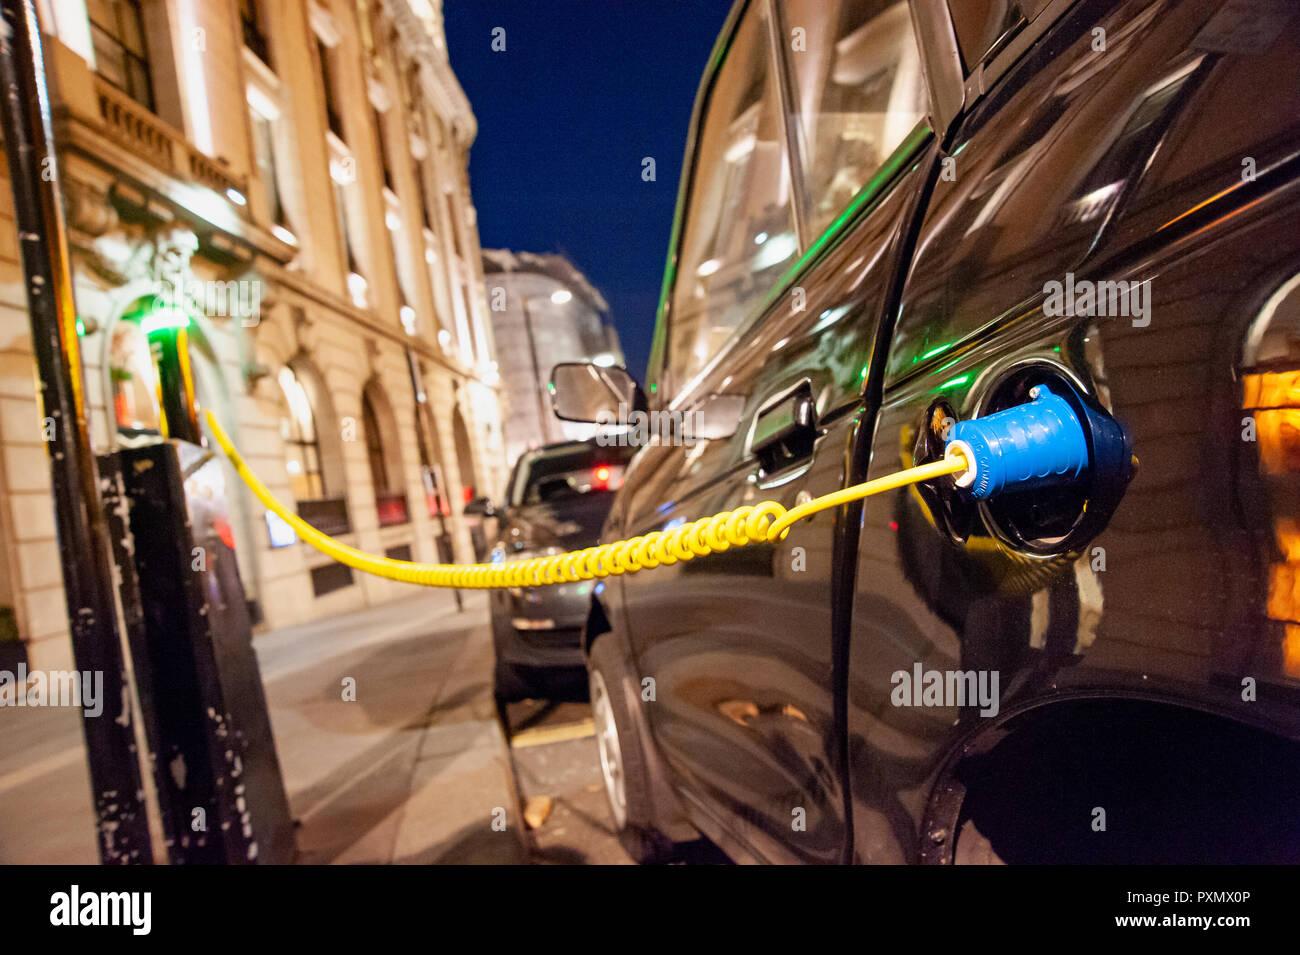 Coche eléctrico se carga a un punto de zumo, Reino Unido, Londres Imagen De Stock